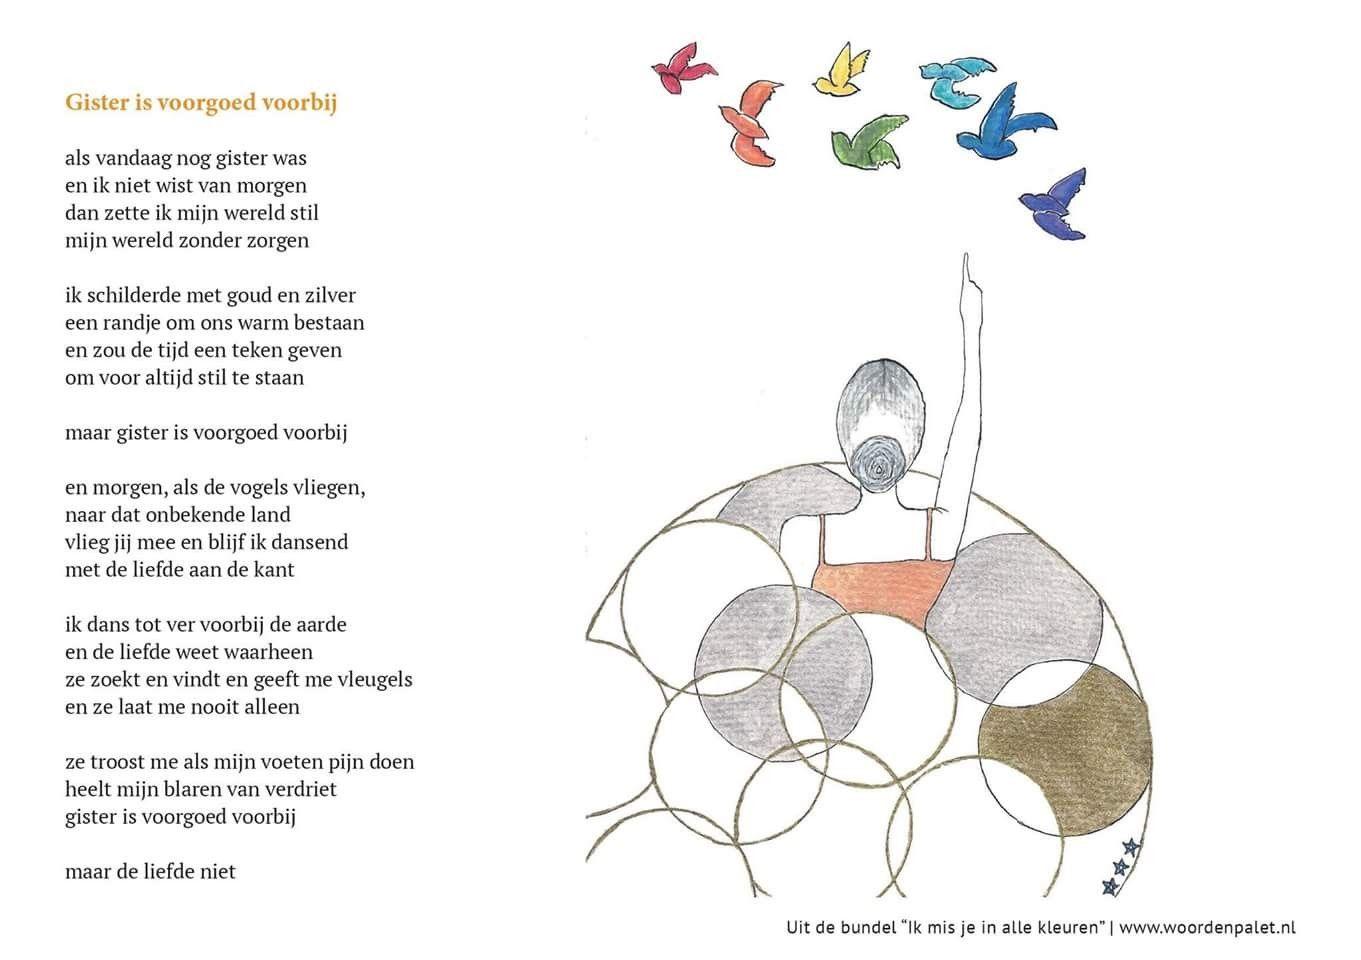 Verwonderend Ik mis je in alle kleuren, boek met gedichten over rouw QW-02